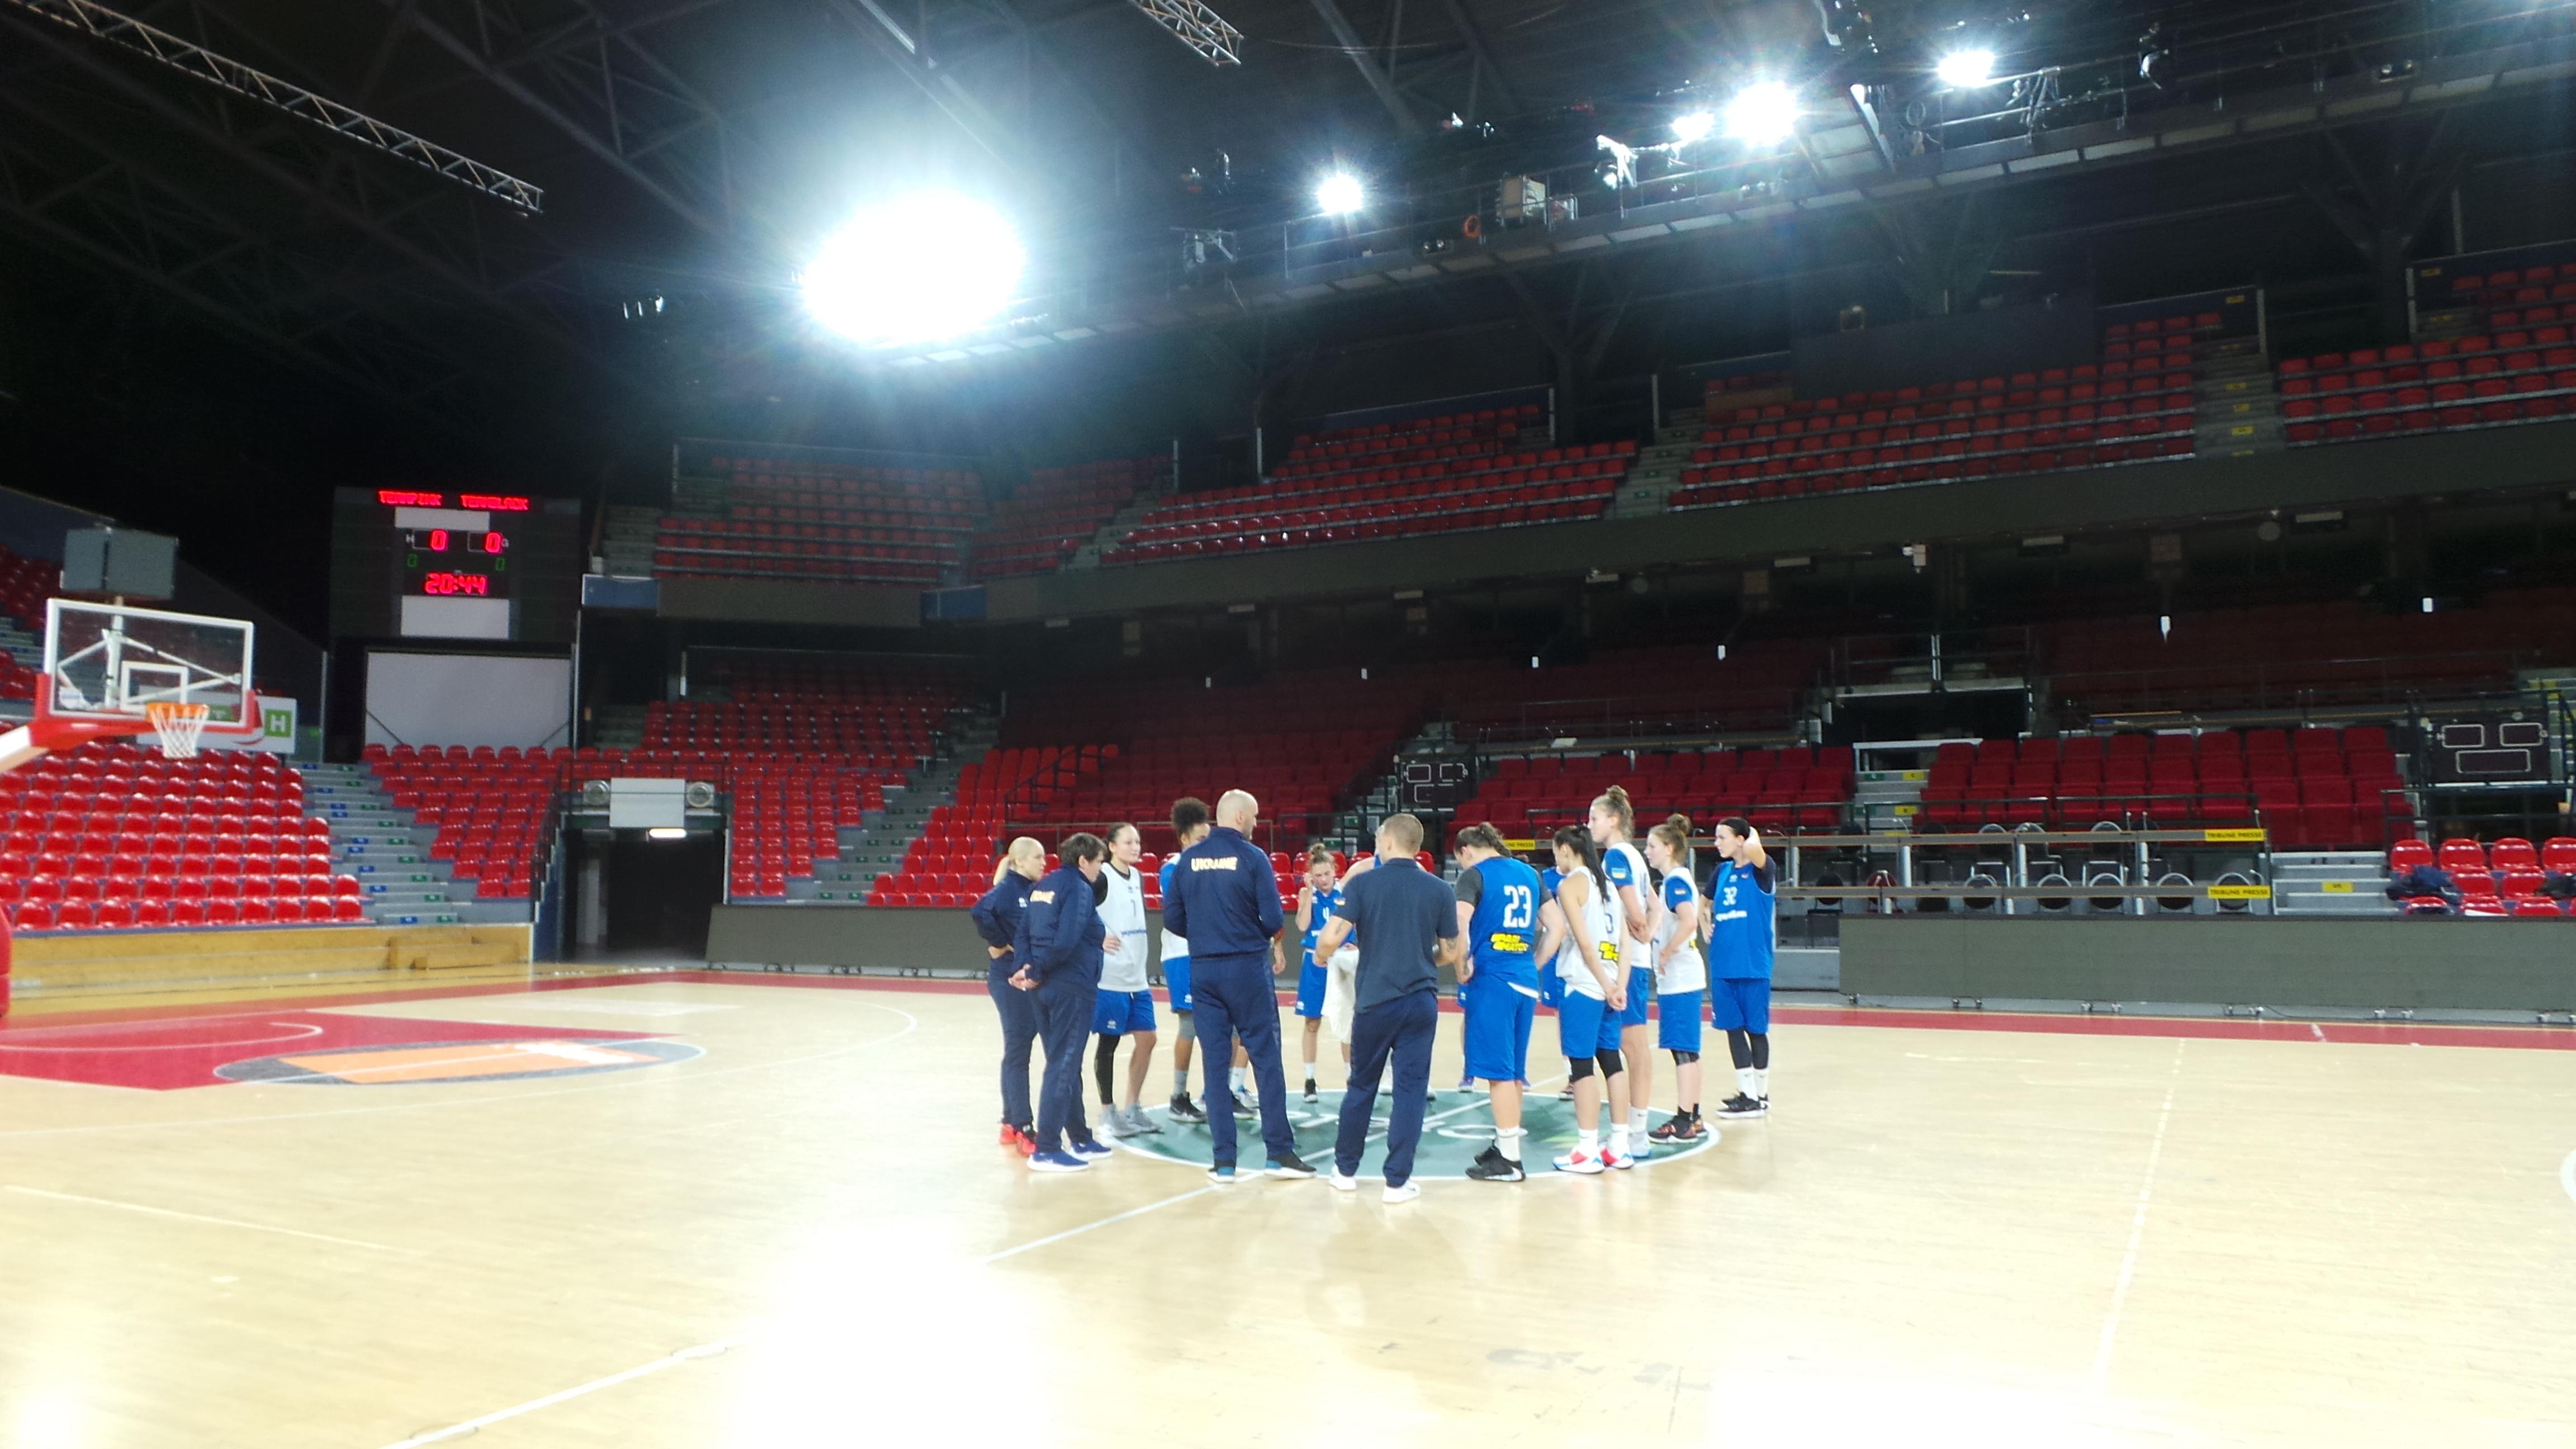 Збірна України провела тренування в Бельгії перед стартом у відборі на Євробаскет-2021